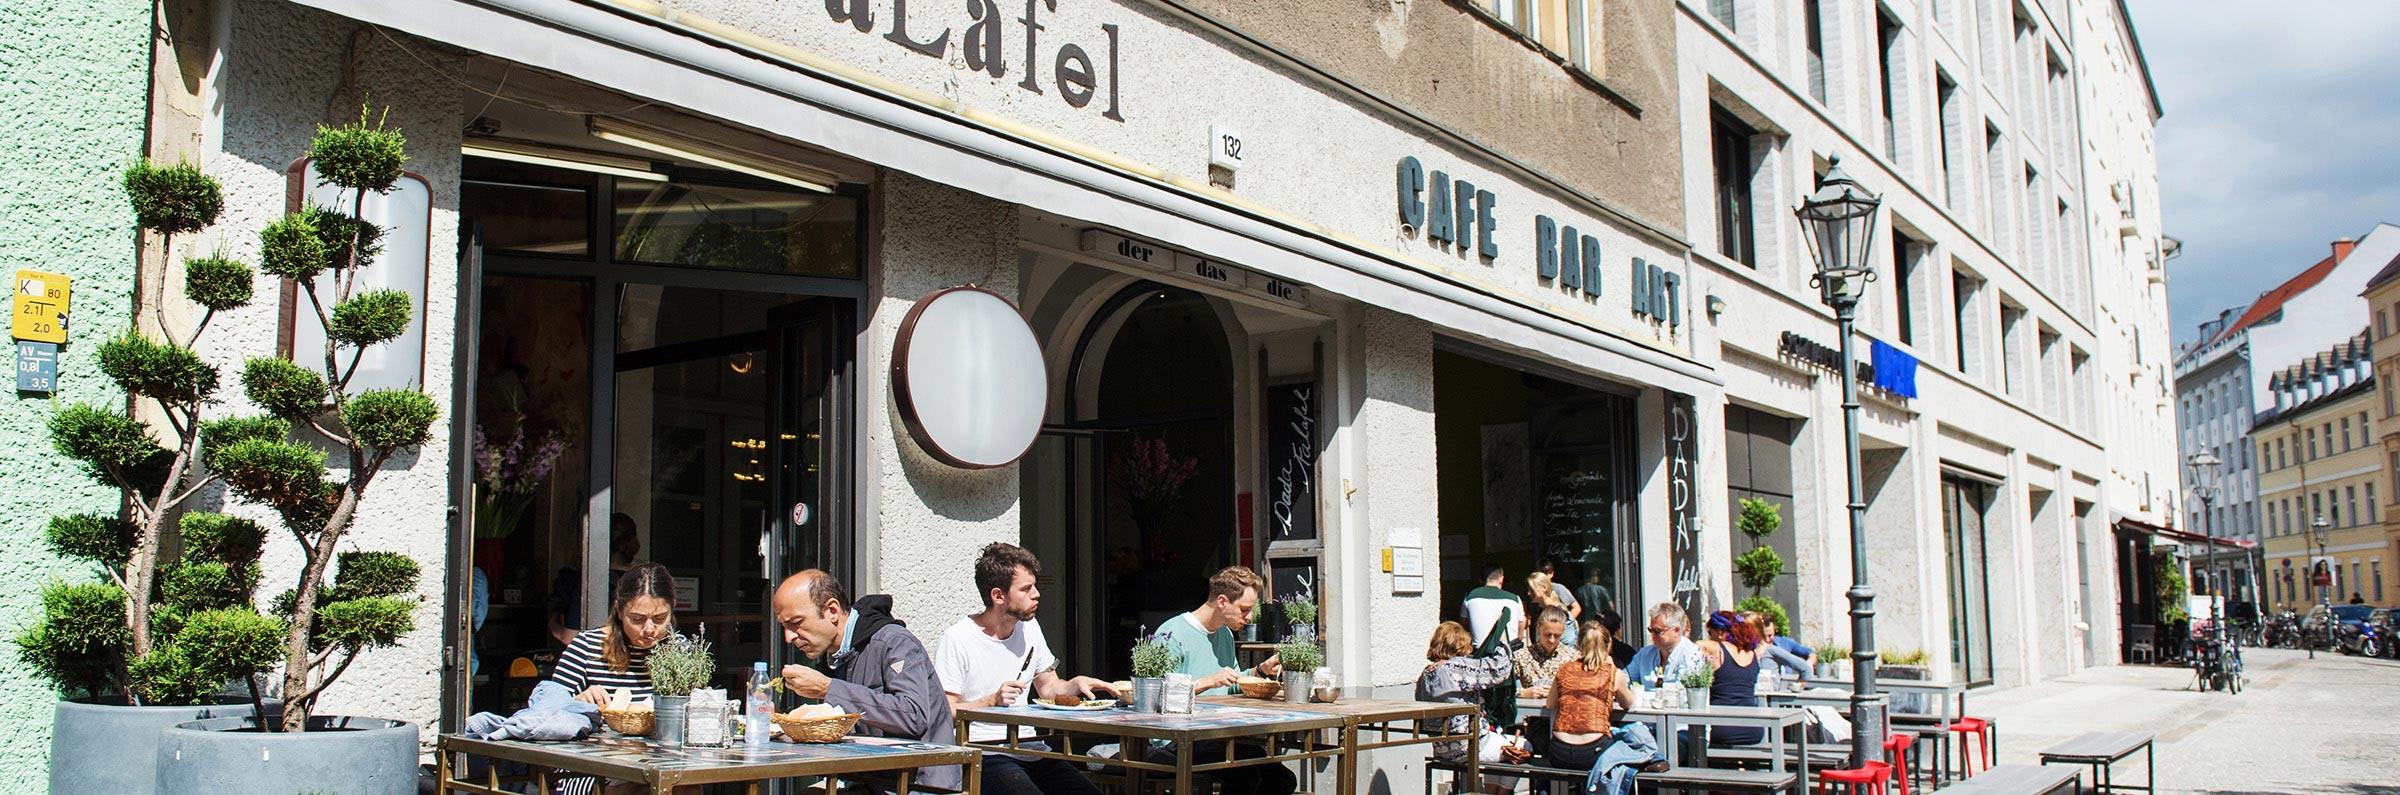 Comidas y bebidas in Berln